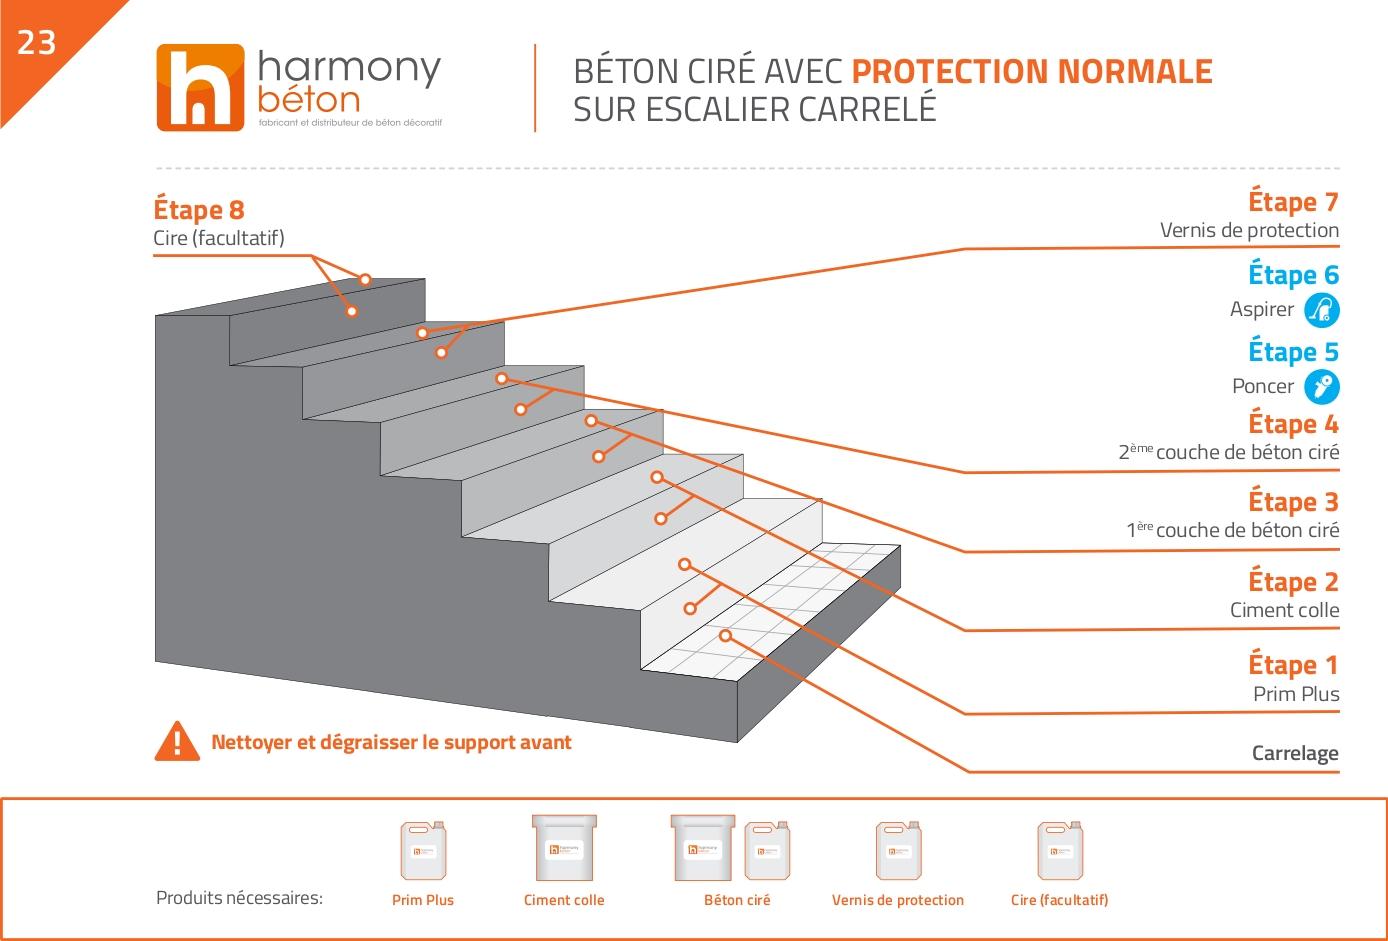 Comment Nettoyer Le Beton Ciré beton ciré sur escalier - kit pour carrelage | harmony béton